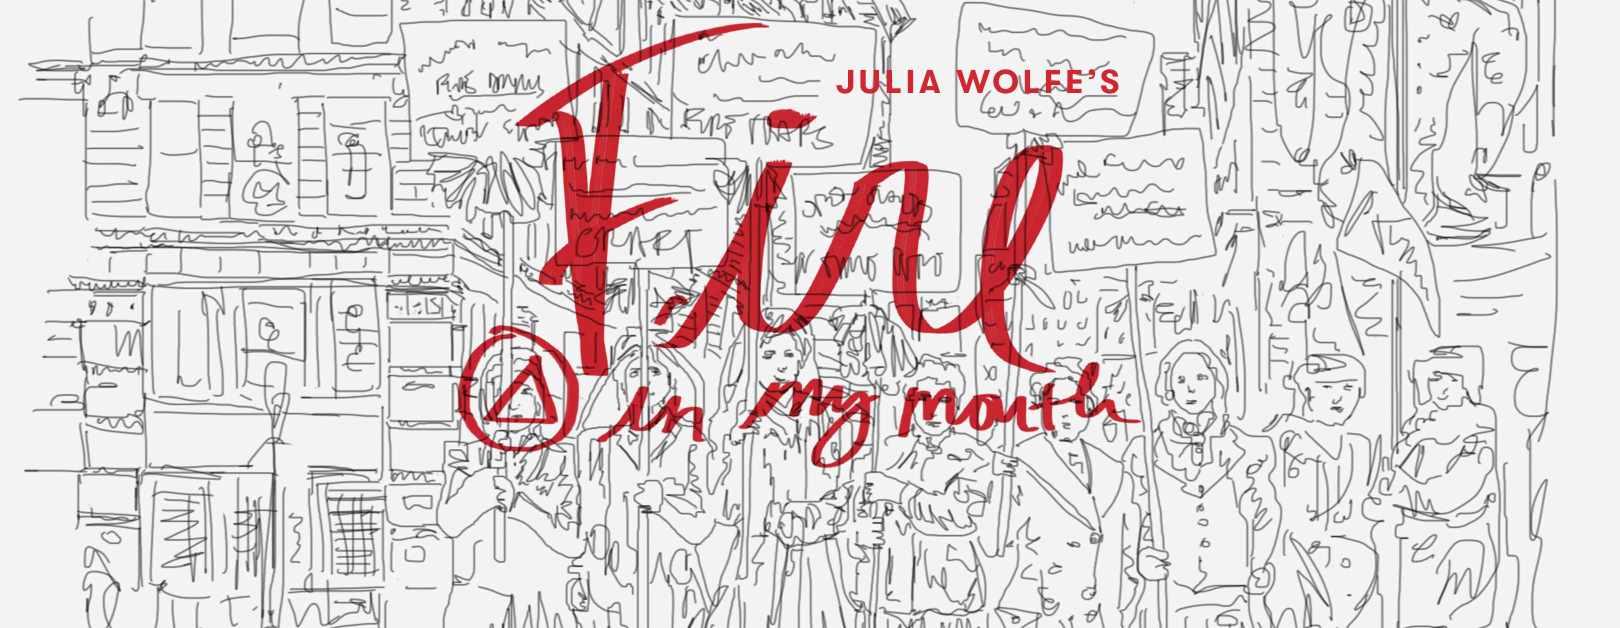 Julia Wolfe's Fire In My Mouth